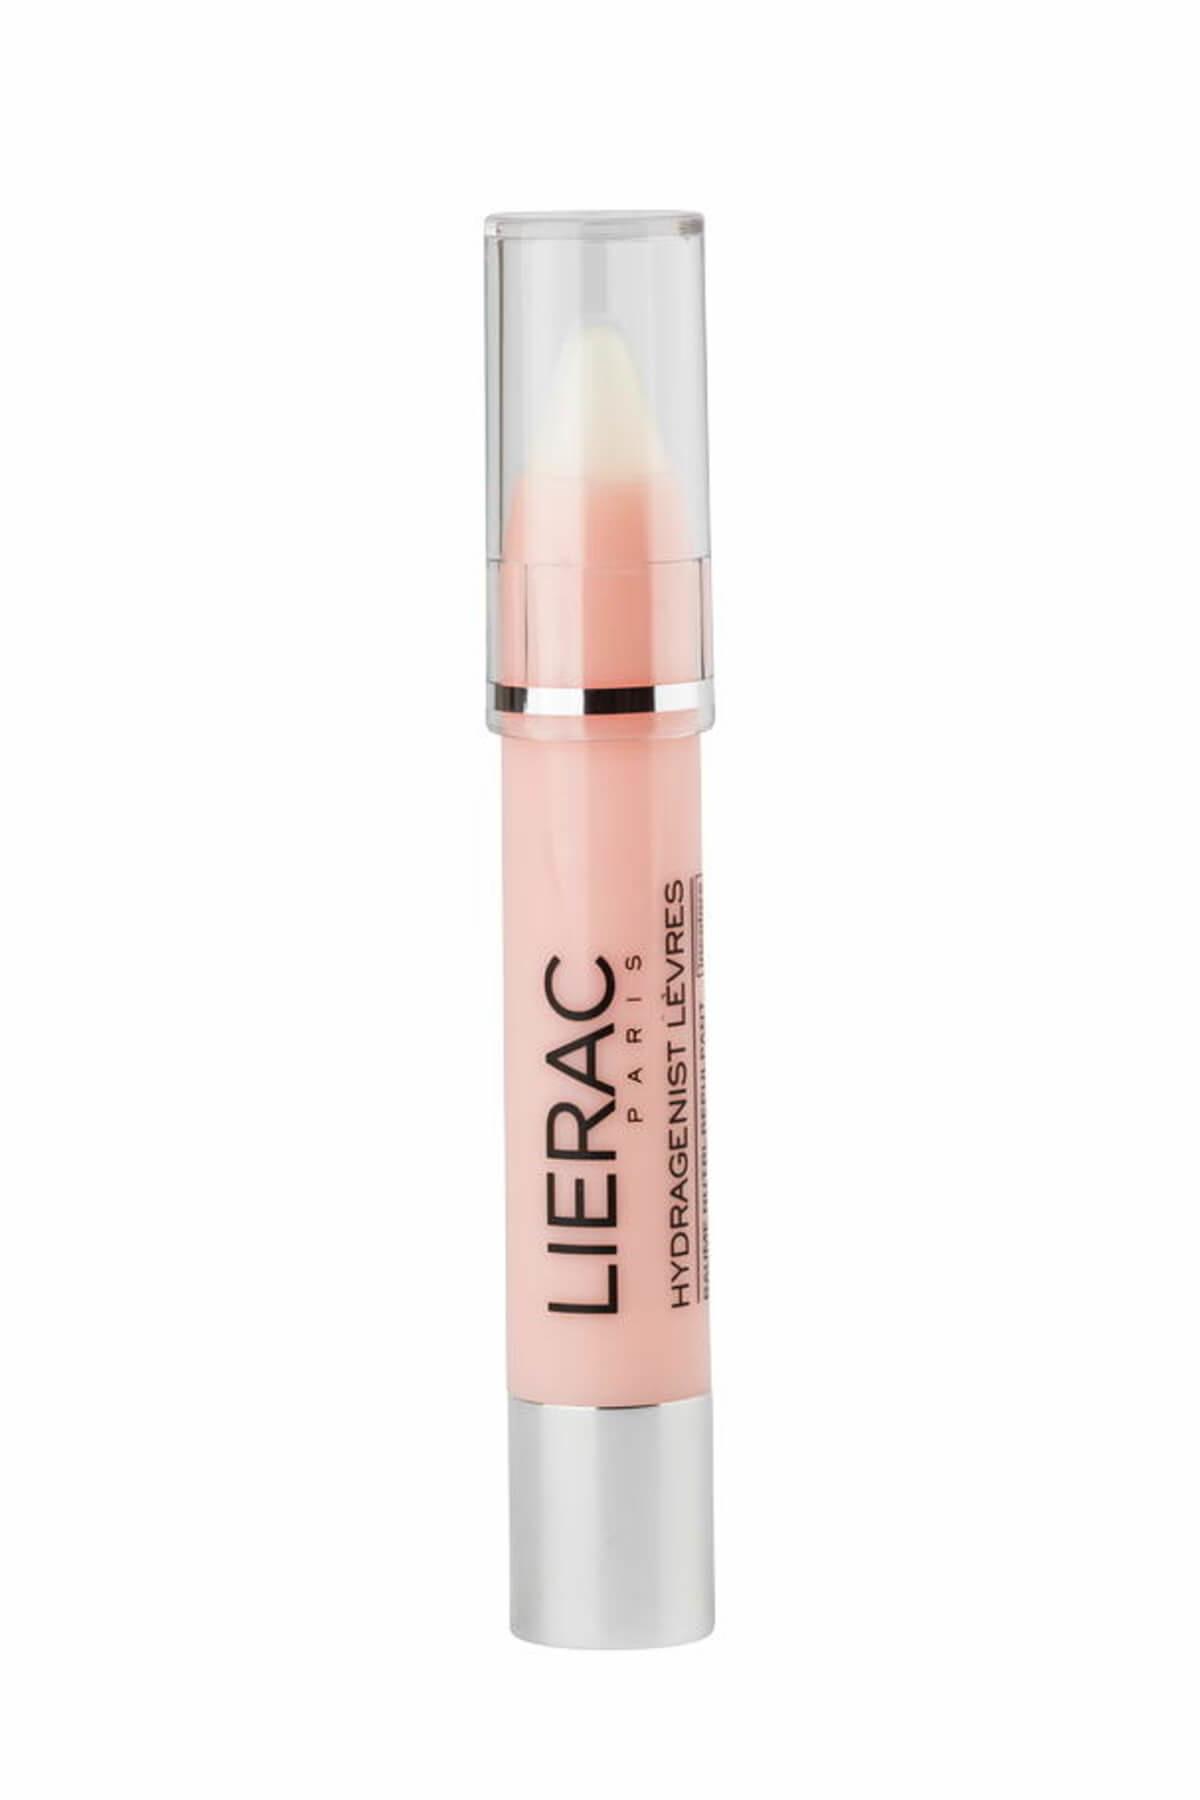 Lierac Naturel Dudak Balmı - Hydragenist Natural Gloss Effect Lip Balm 3 g 3508240001155 1